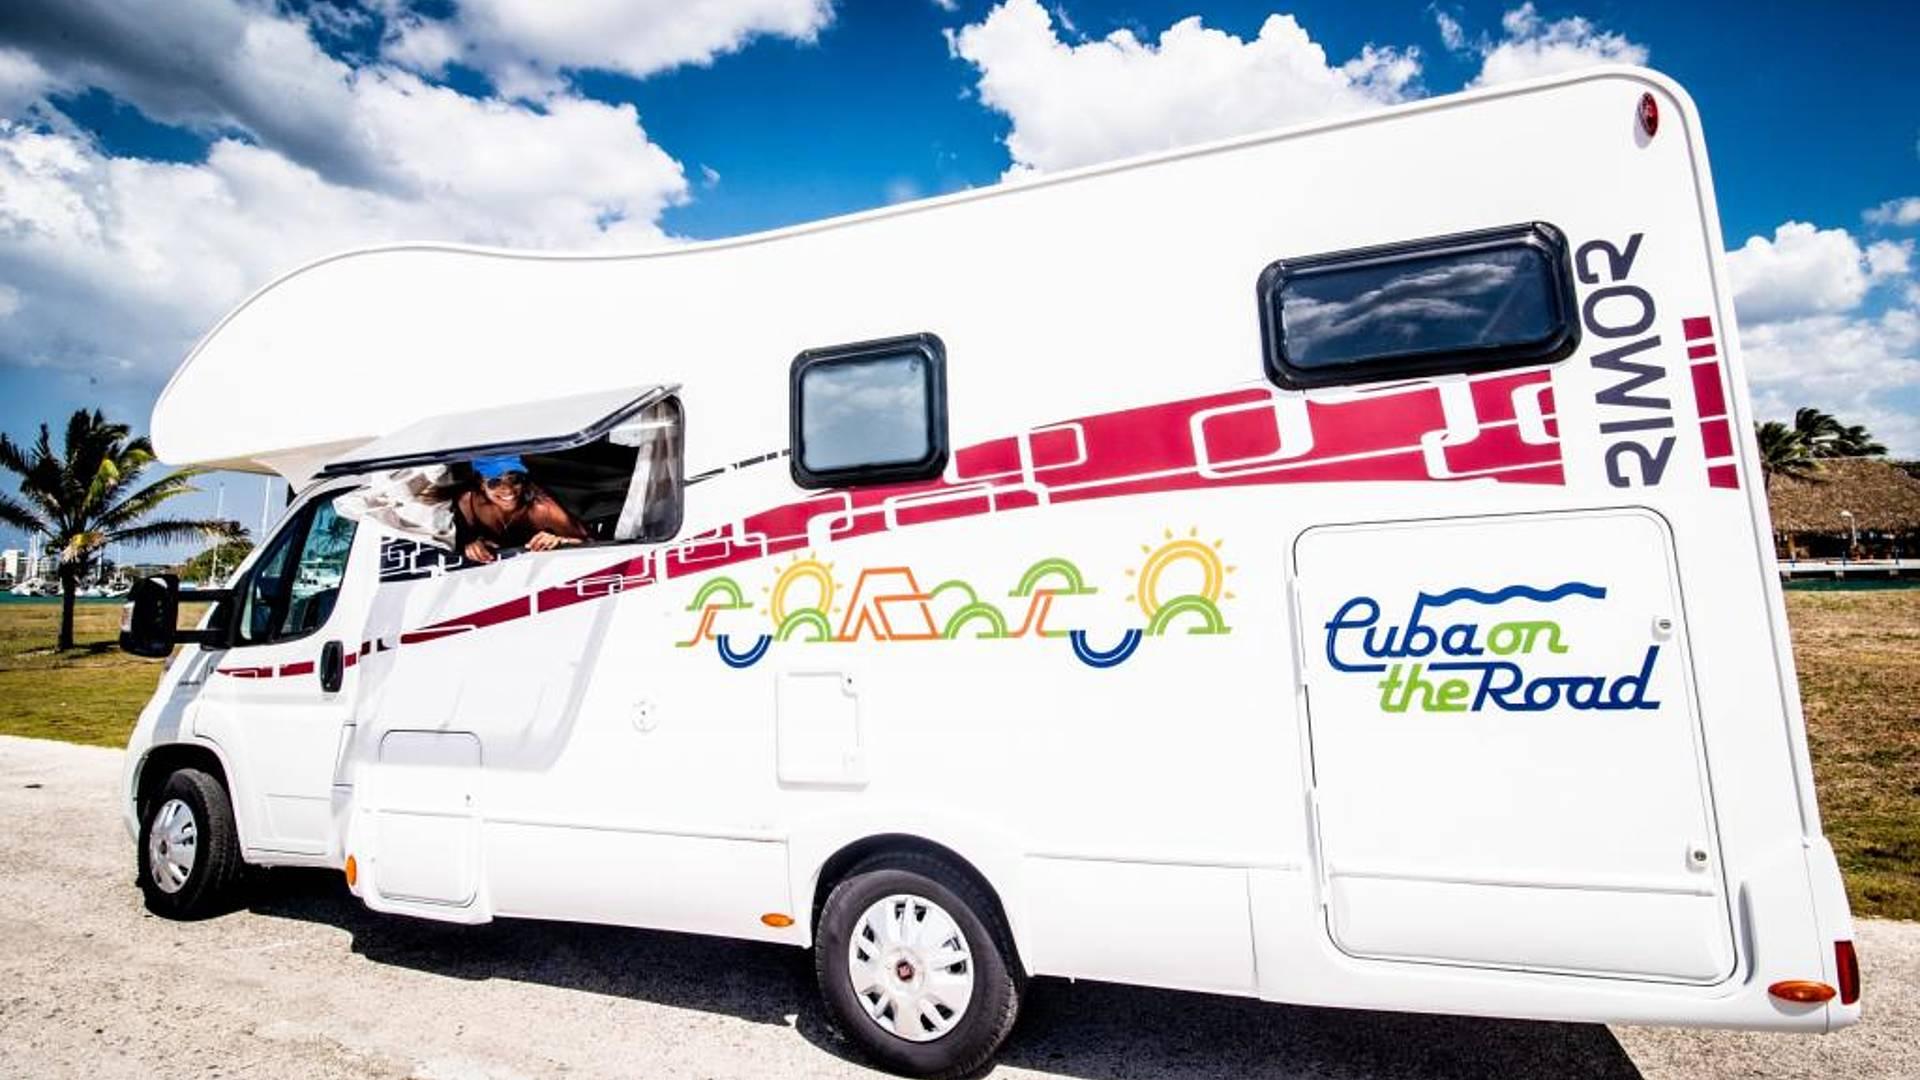 Karibik im Wohnmobil - Freiheit pur!